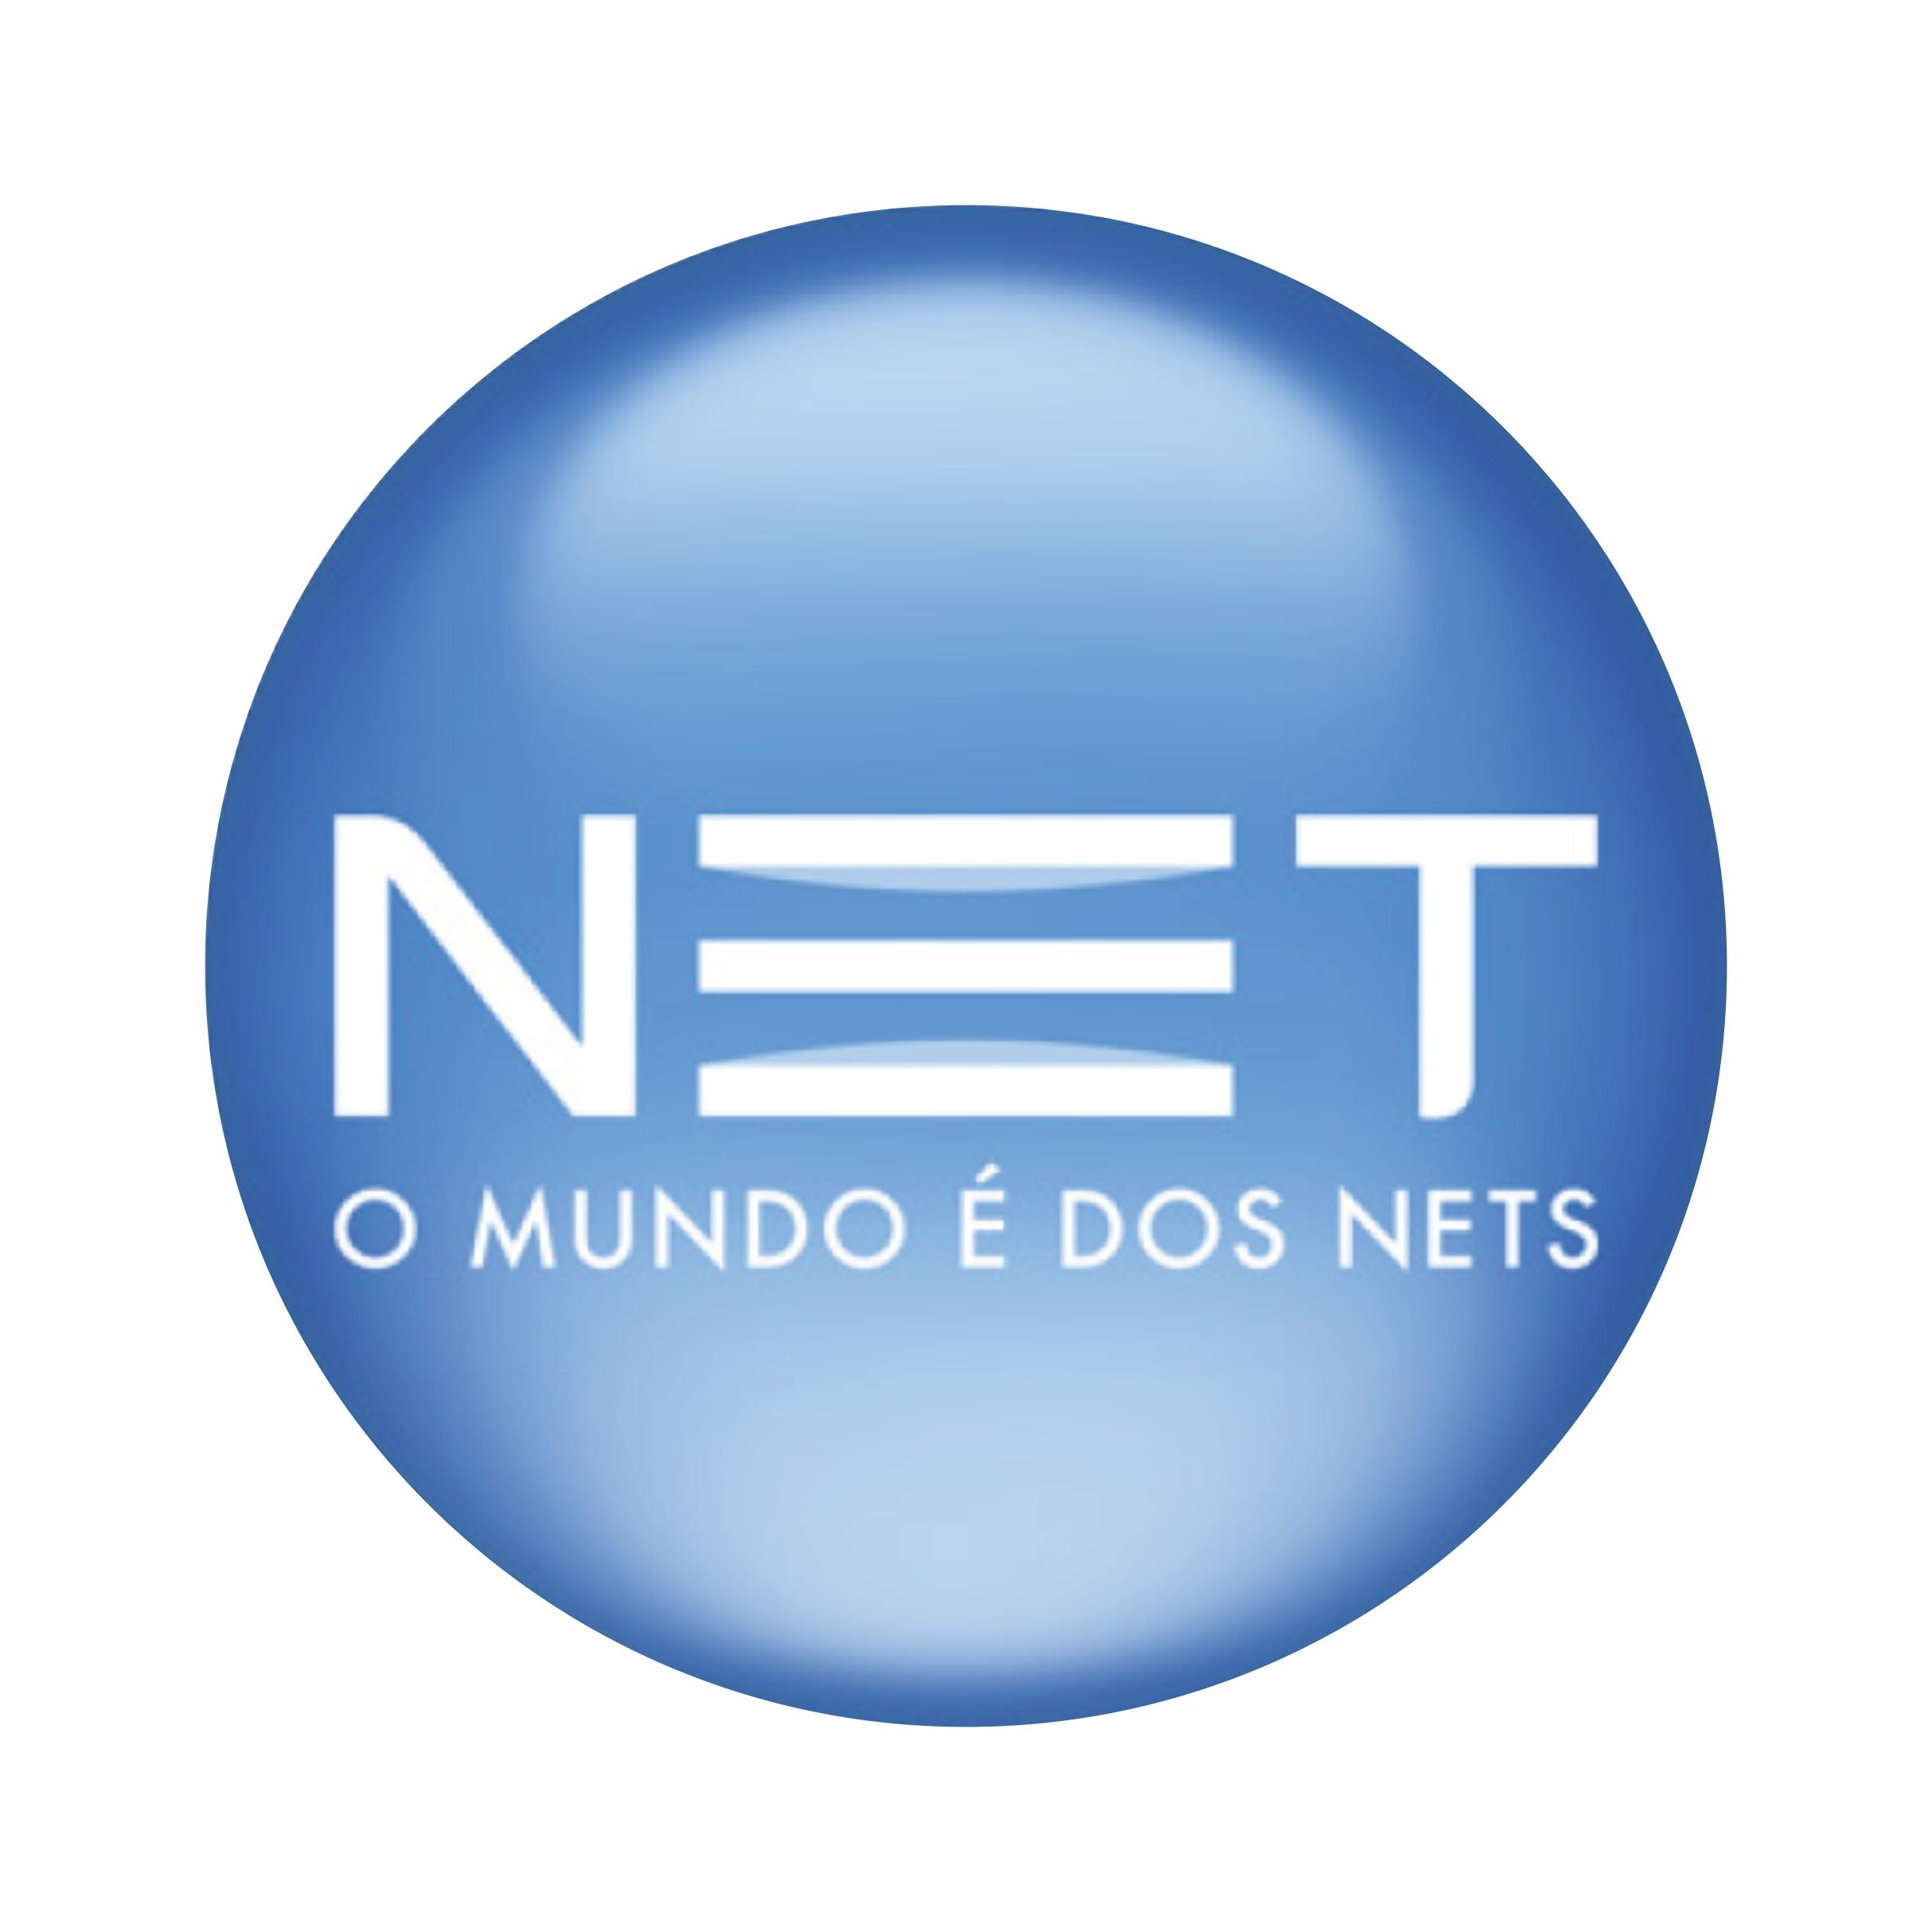 Campanha de Marketing de Influência realizada com a NET DIGITAL utilizando Digital Influencers expressamente selecionados.